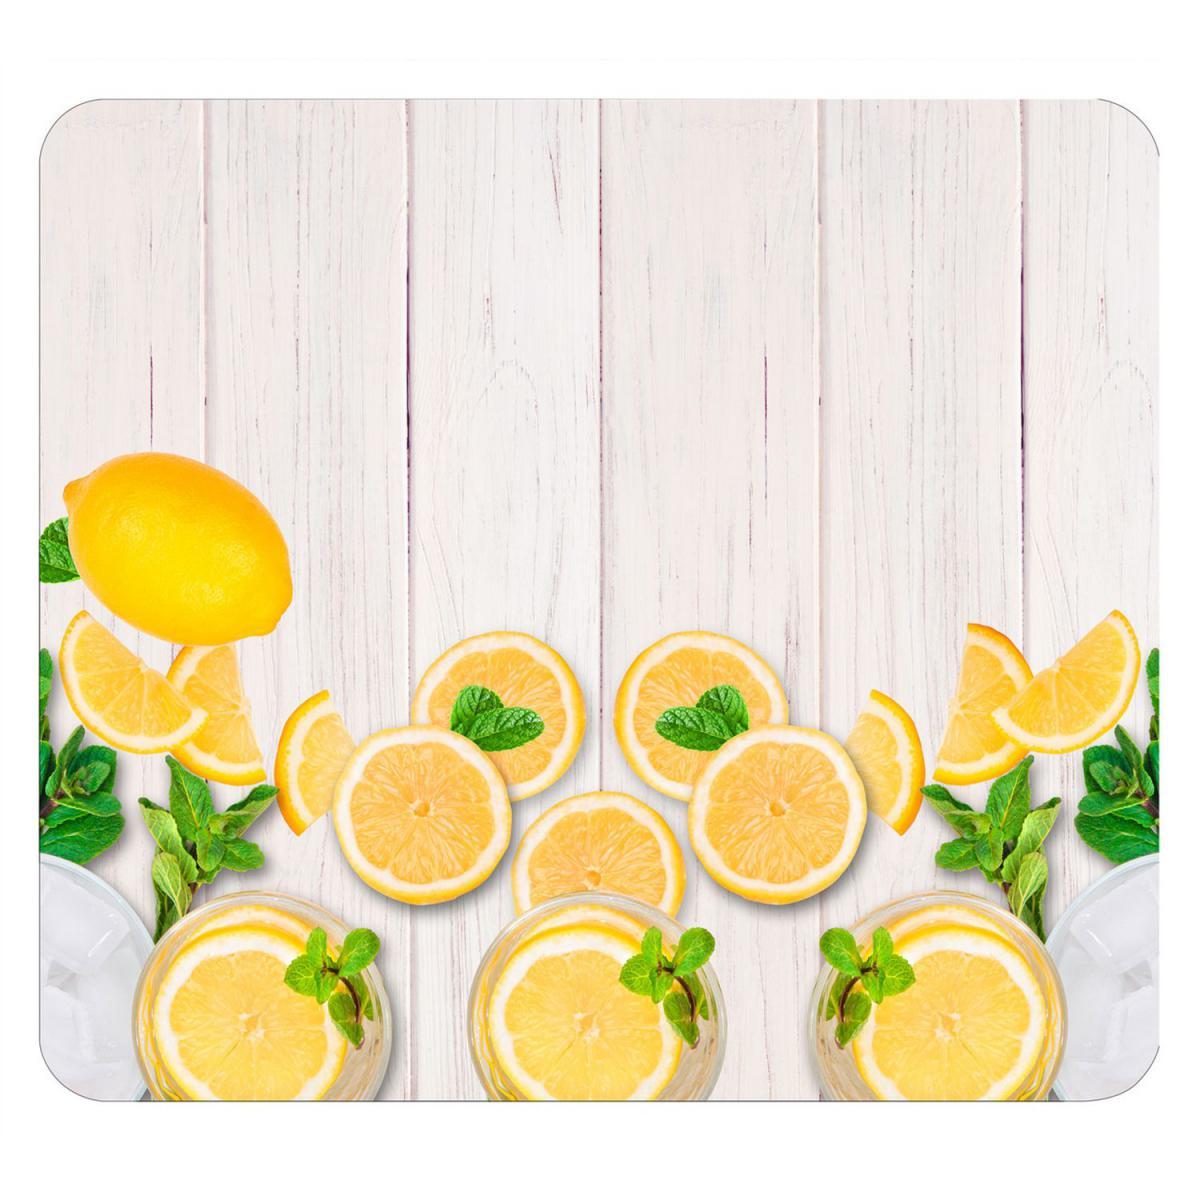 Wenko Protège-plaque vitrocéramique Citrons - L. 50 x l. 56 cm - Jaune